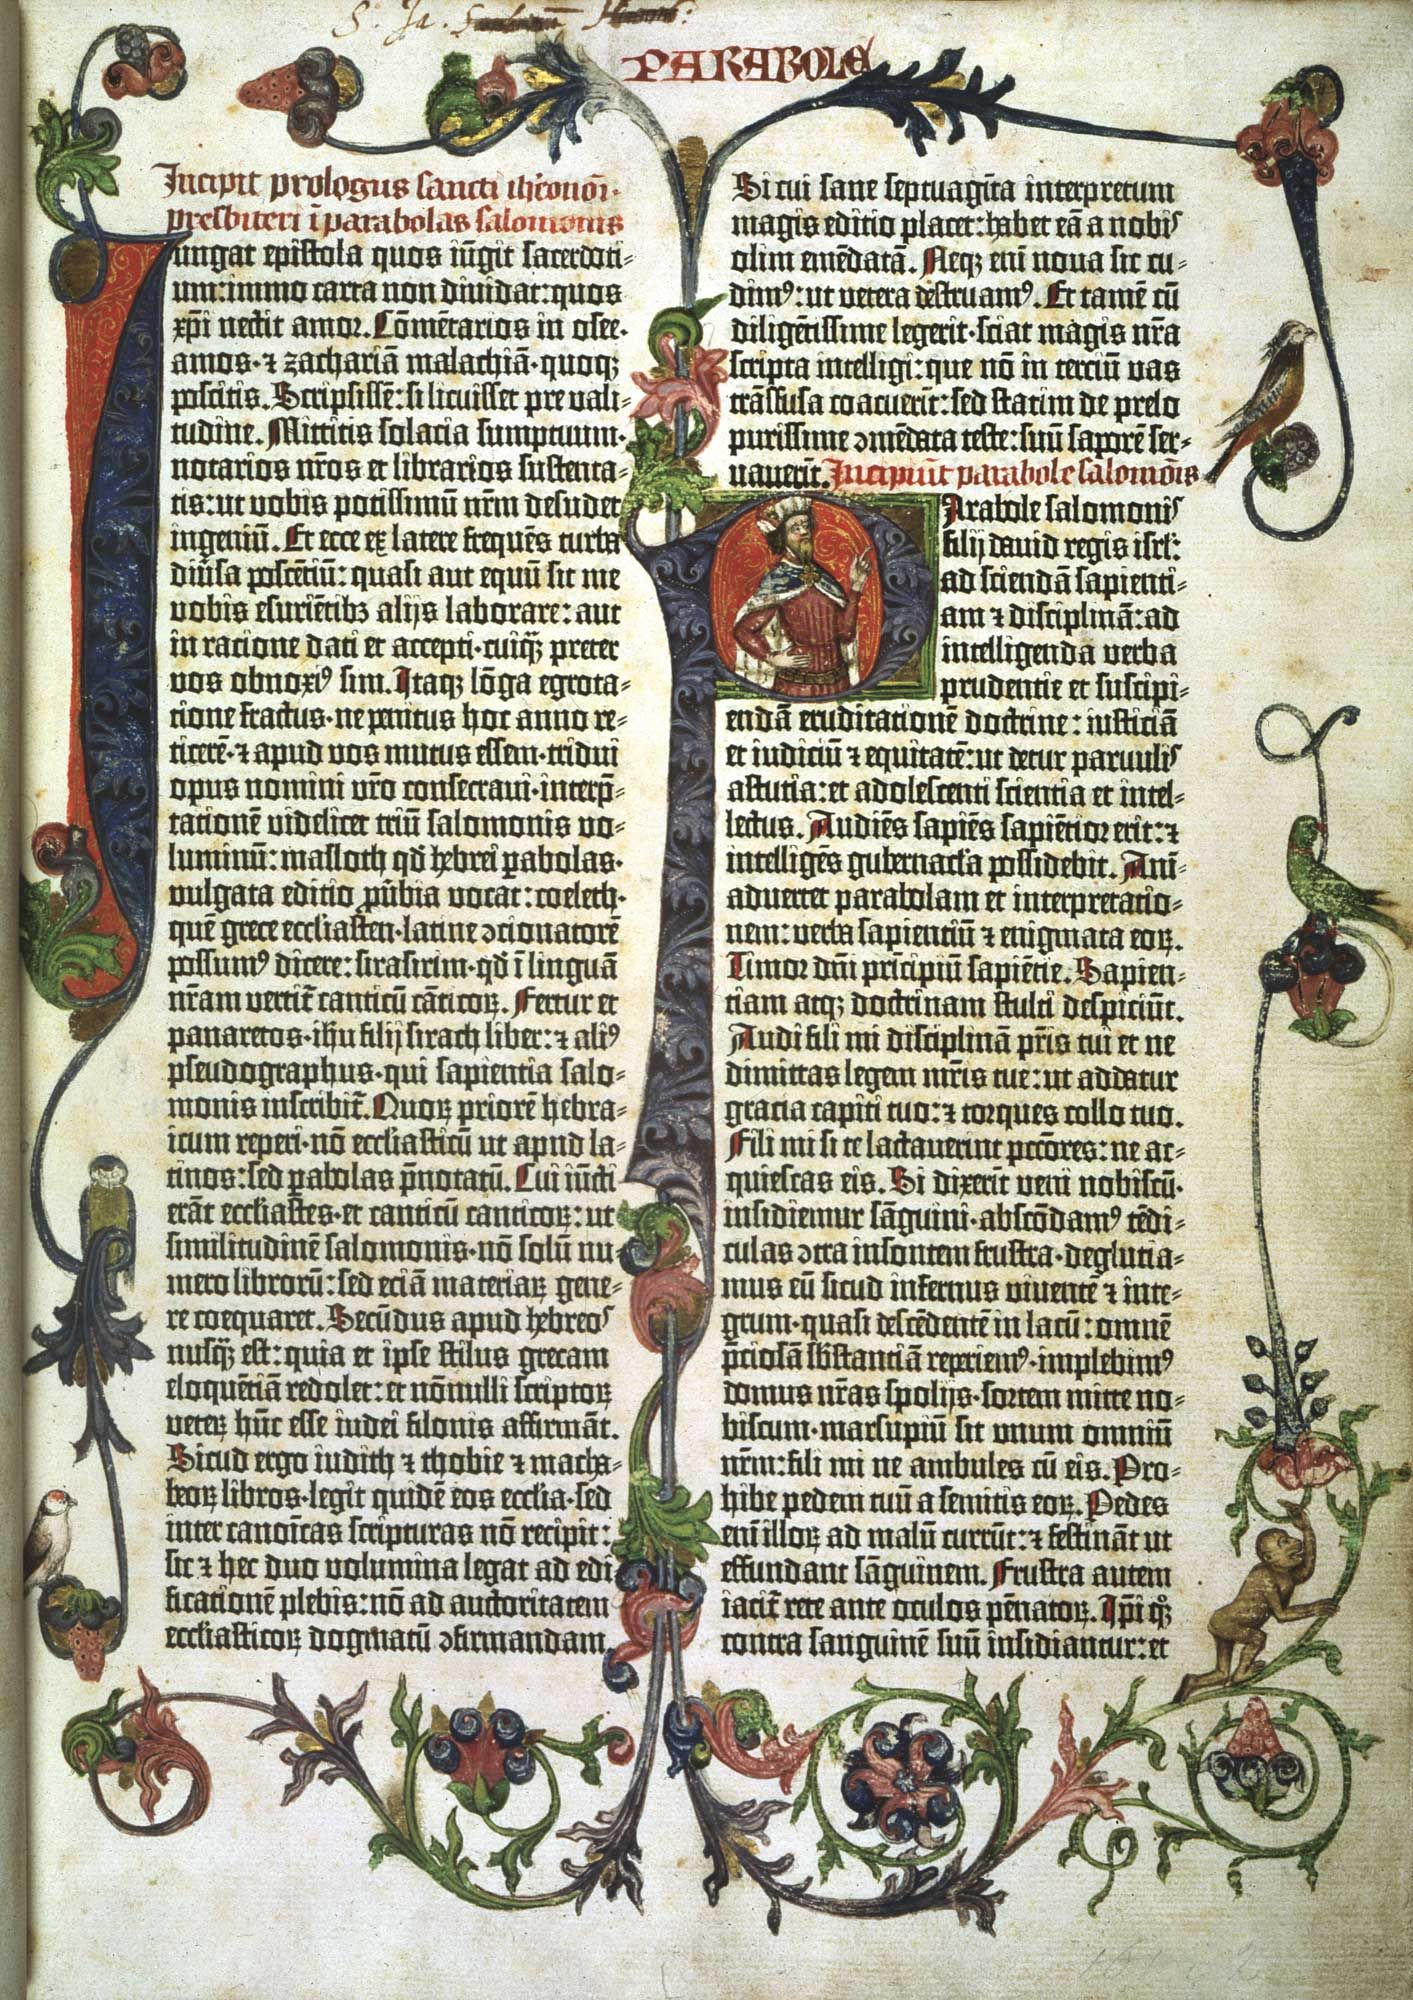 Gutenberg bible earliest full scale work printed using the gutenberg bible earliest full scale work printed using the gutenberg printing press 1455 buycottarizona